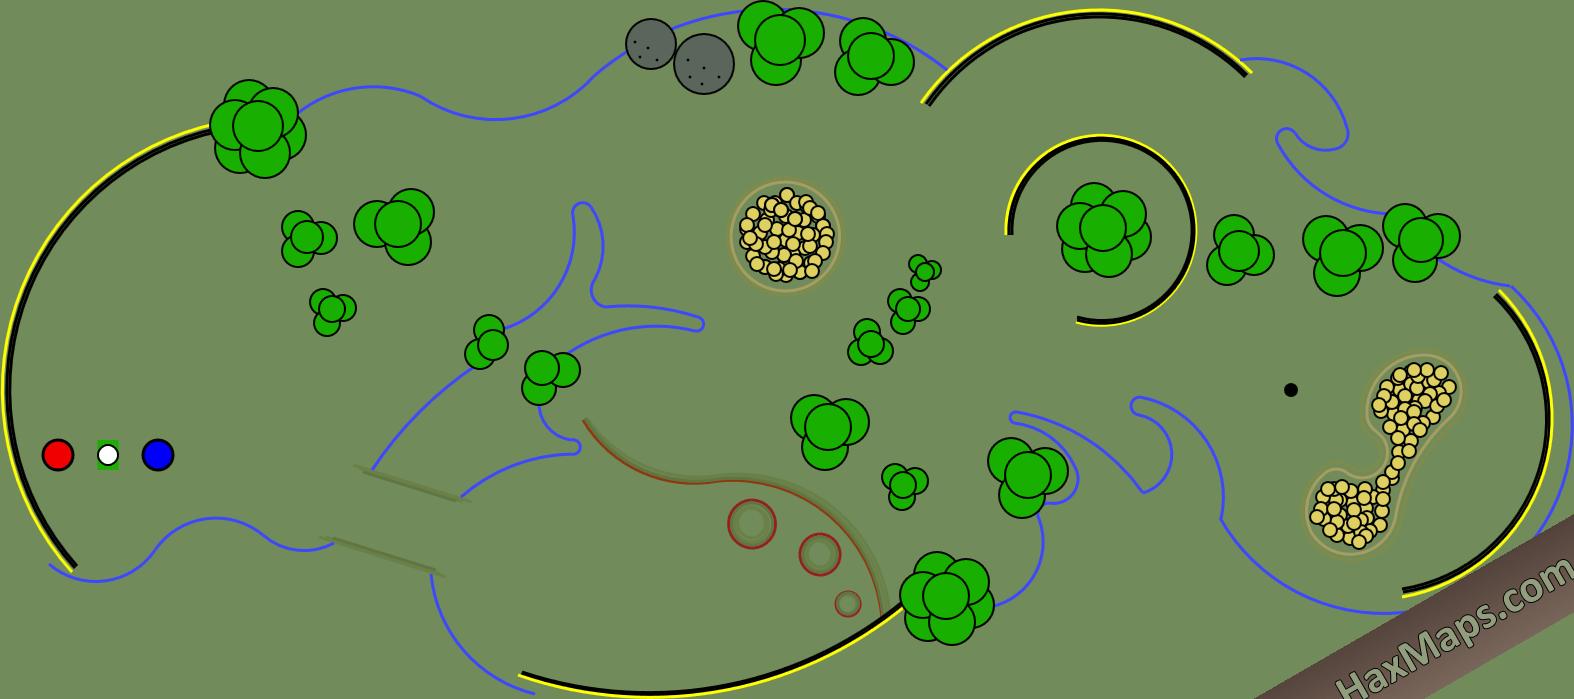 hax ball maps | HaxGolf